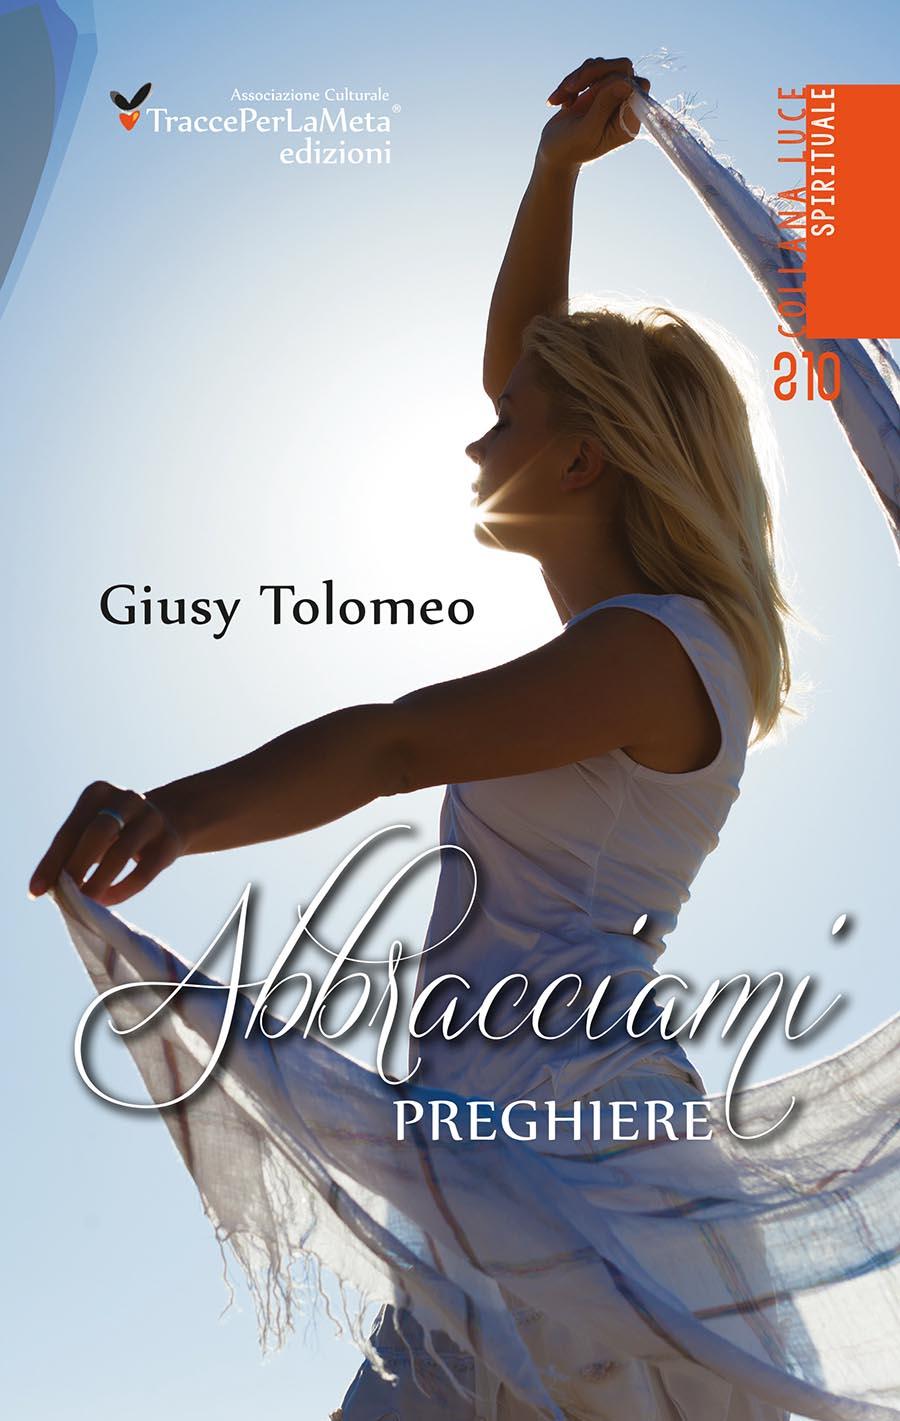 """Una raccolta di grande intensità, ricca di emozioni autentiche; esce """"Abbracciami"""" preghiere di Giusy Tolomeo"""